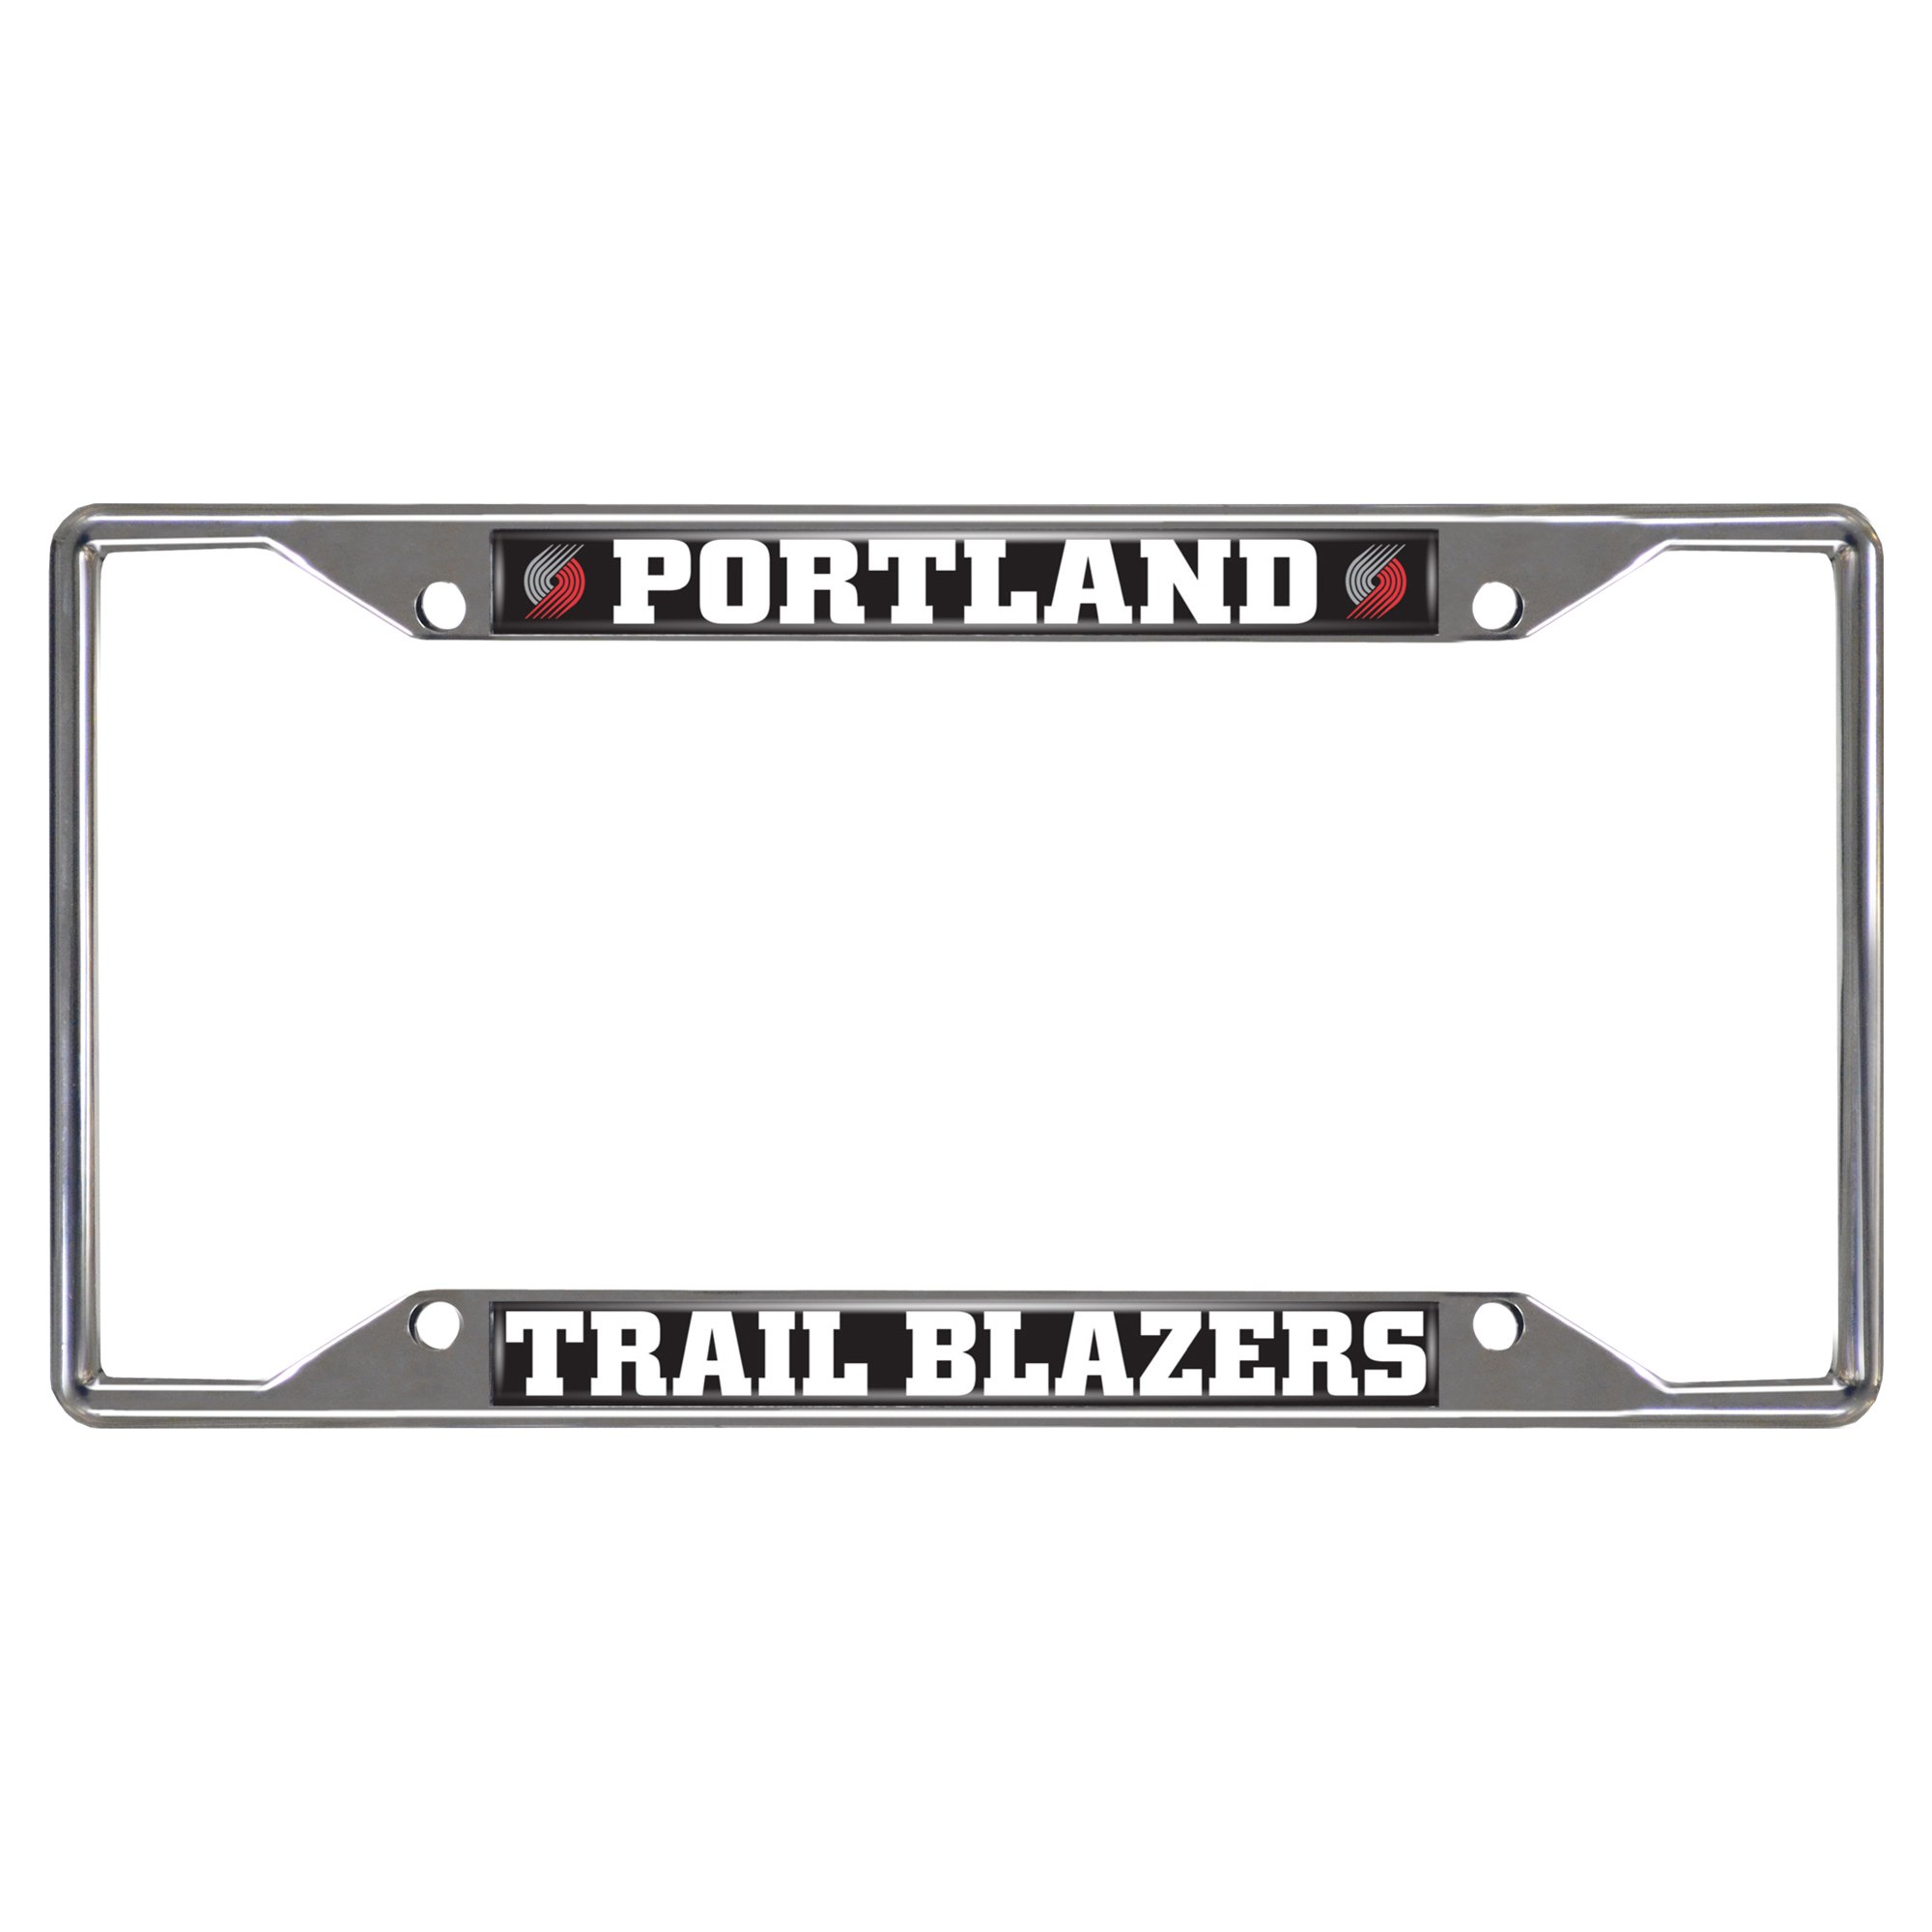 FANMATS NBA Portland Trail Blazers Chrome License Plate Frame